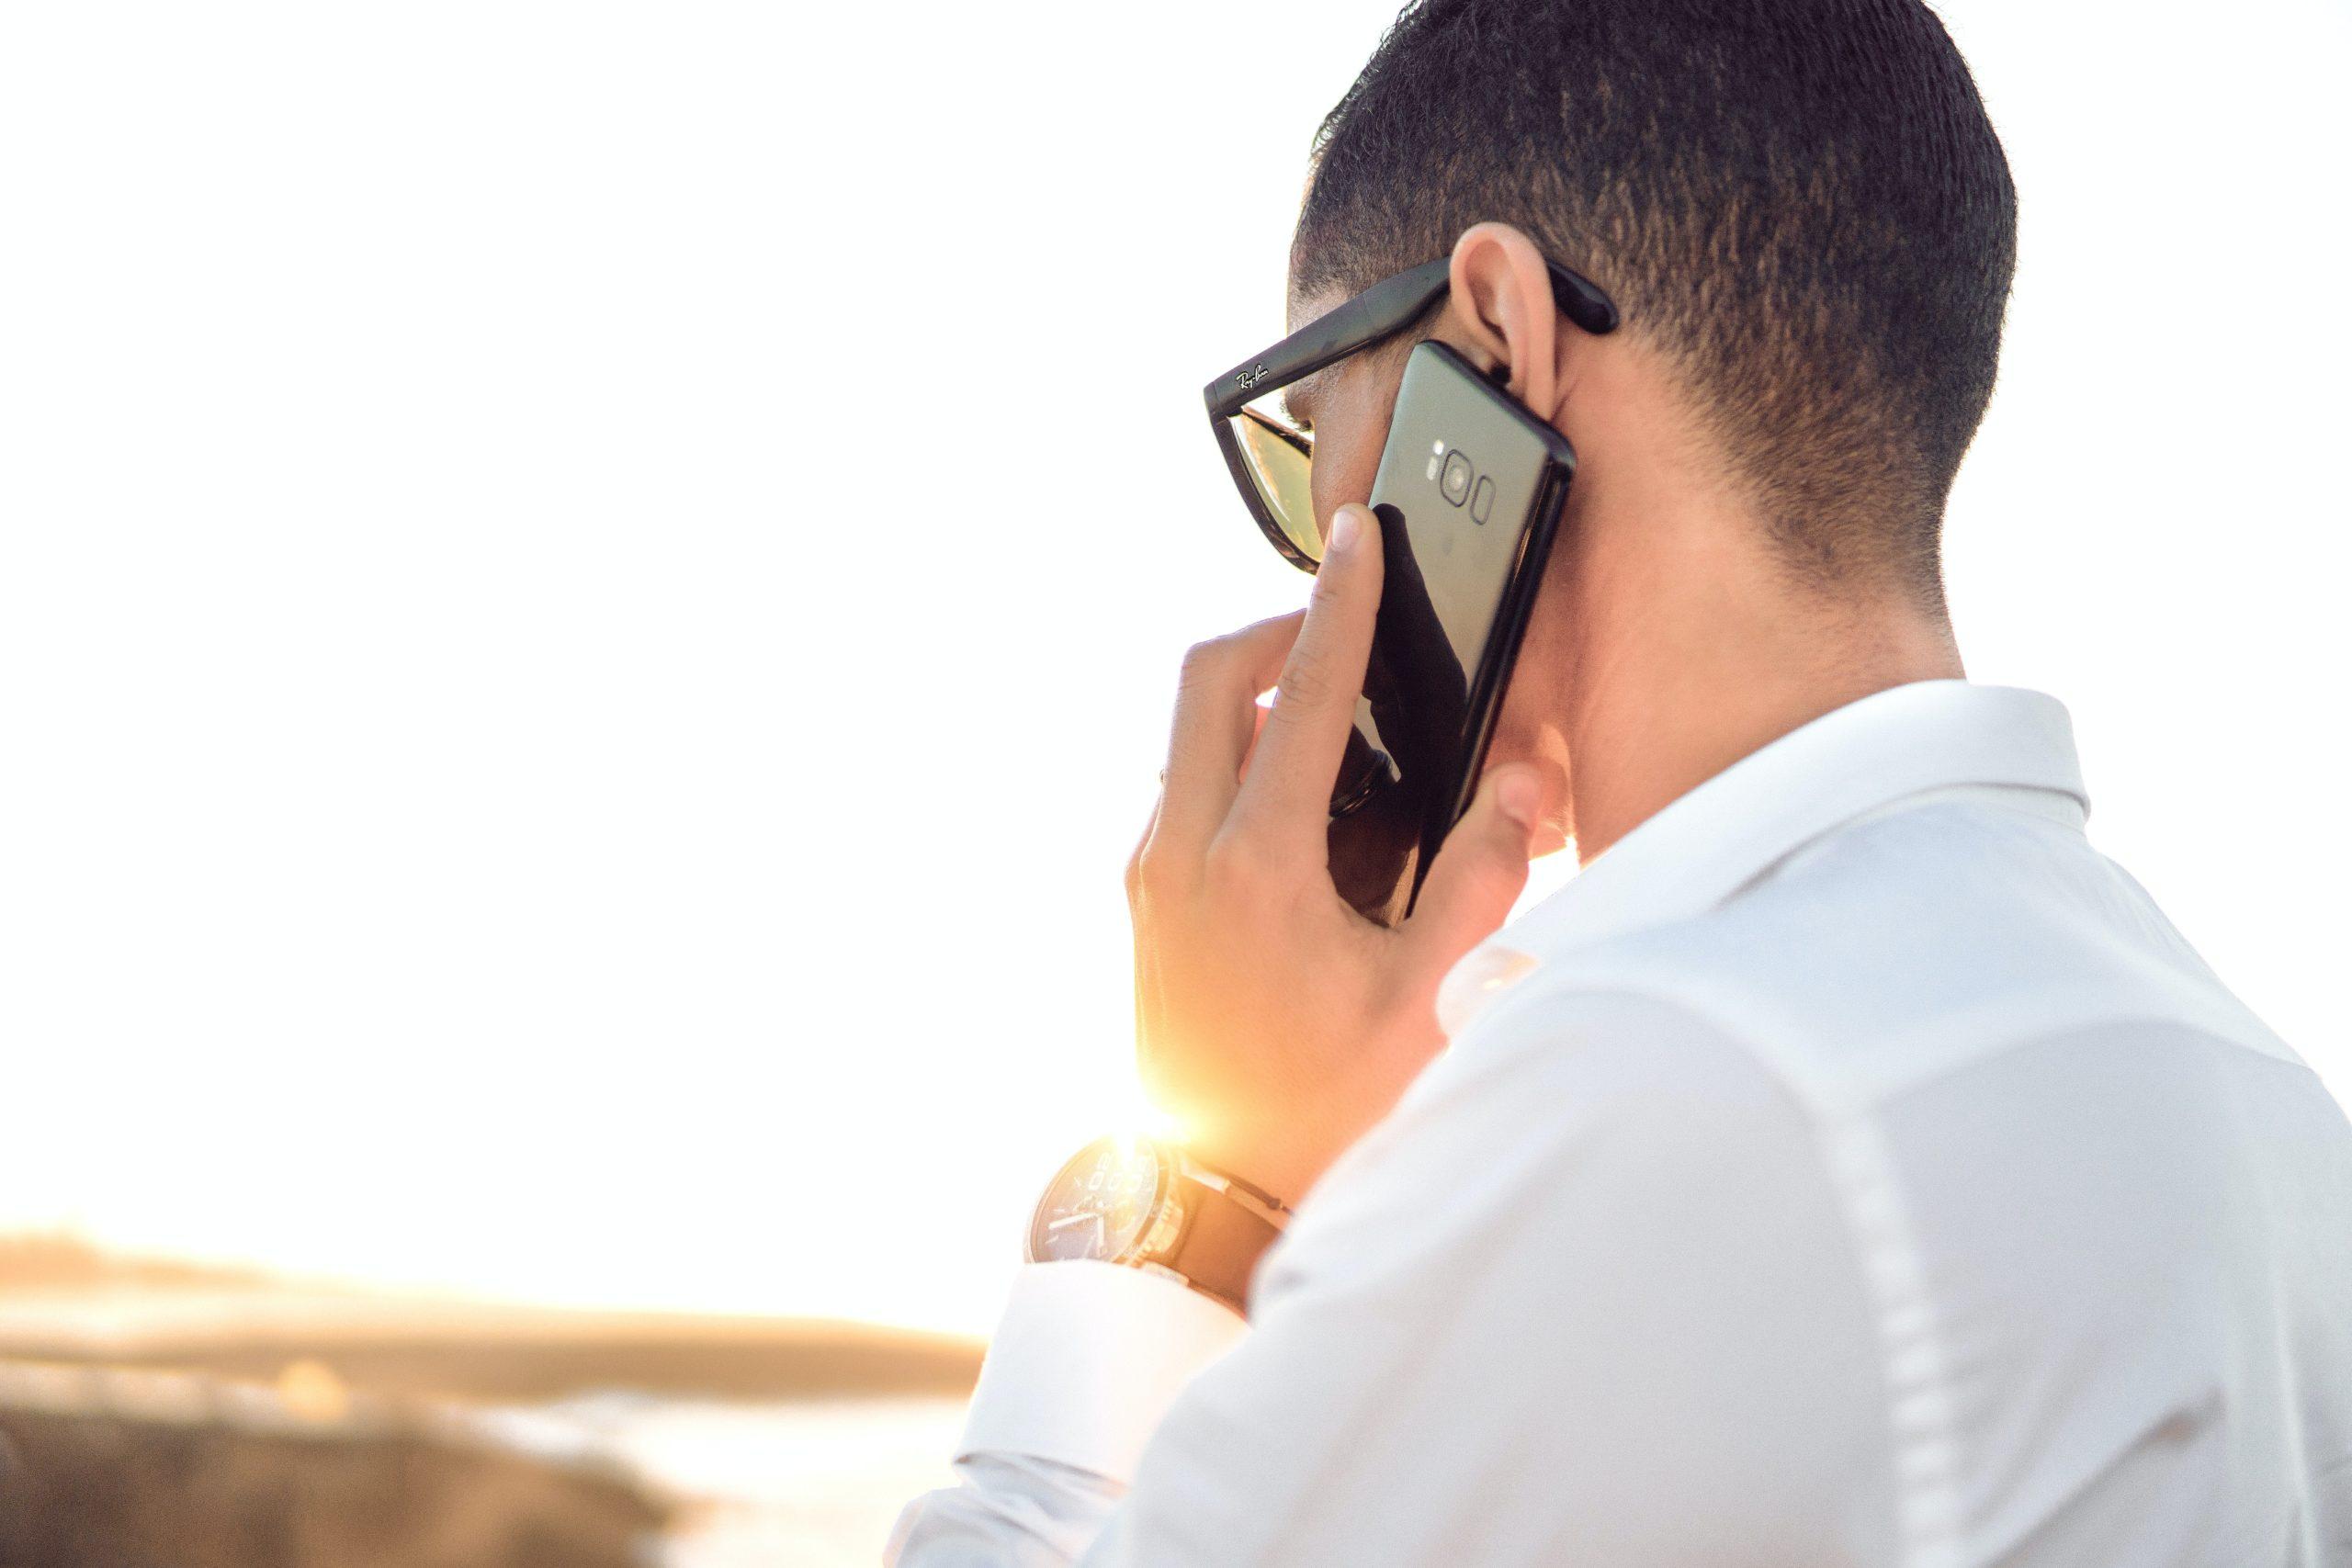 契約の縛りなしで料金が安い携帯電話会社「OCNモバイルONE」の注意点